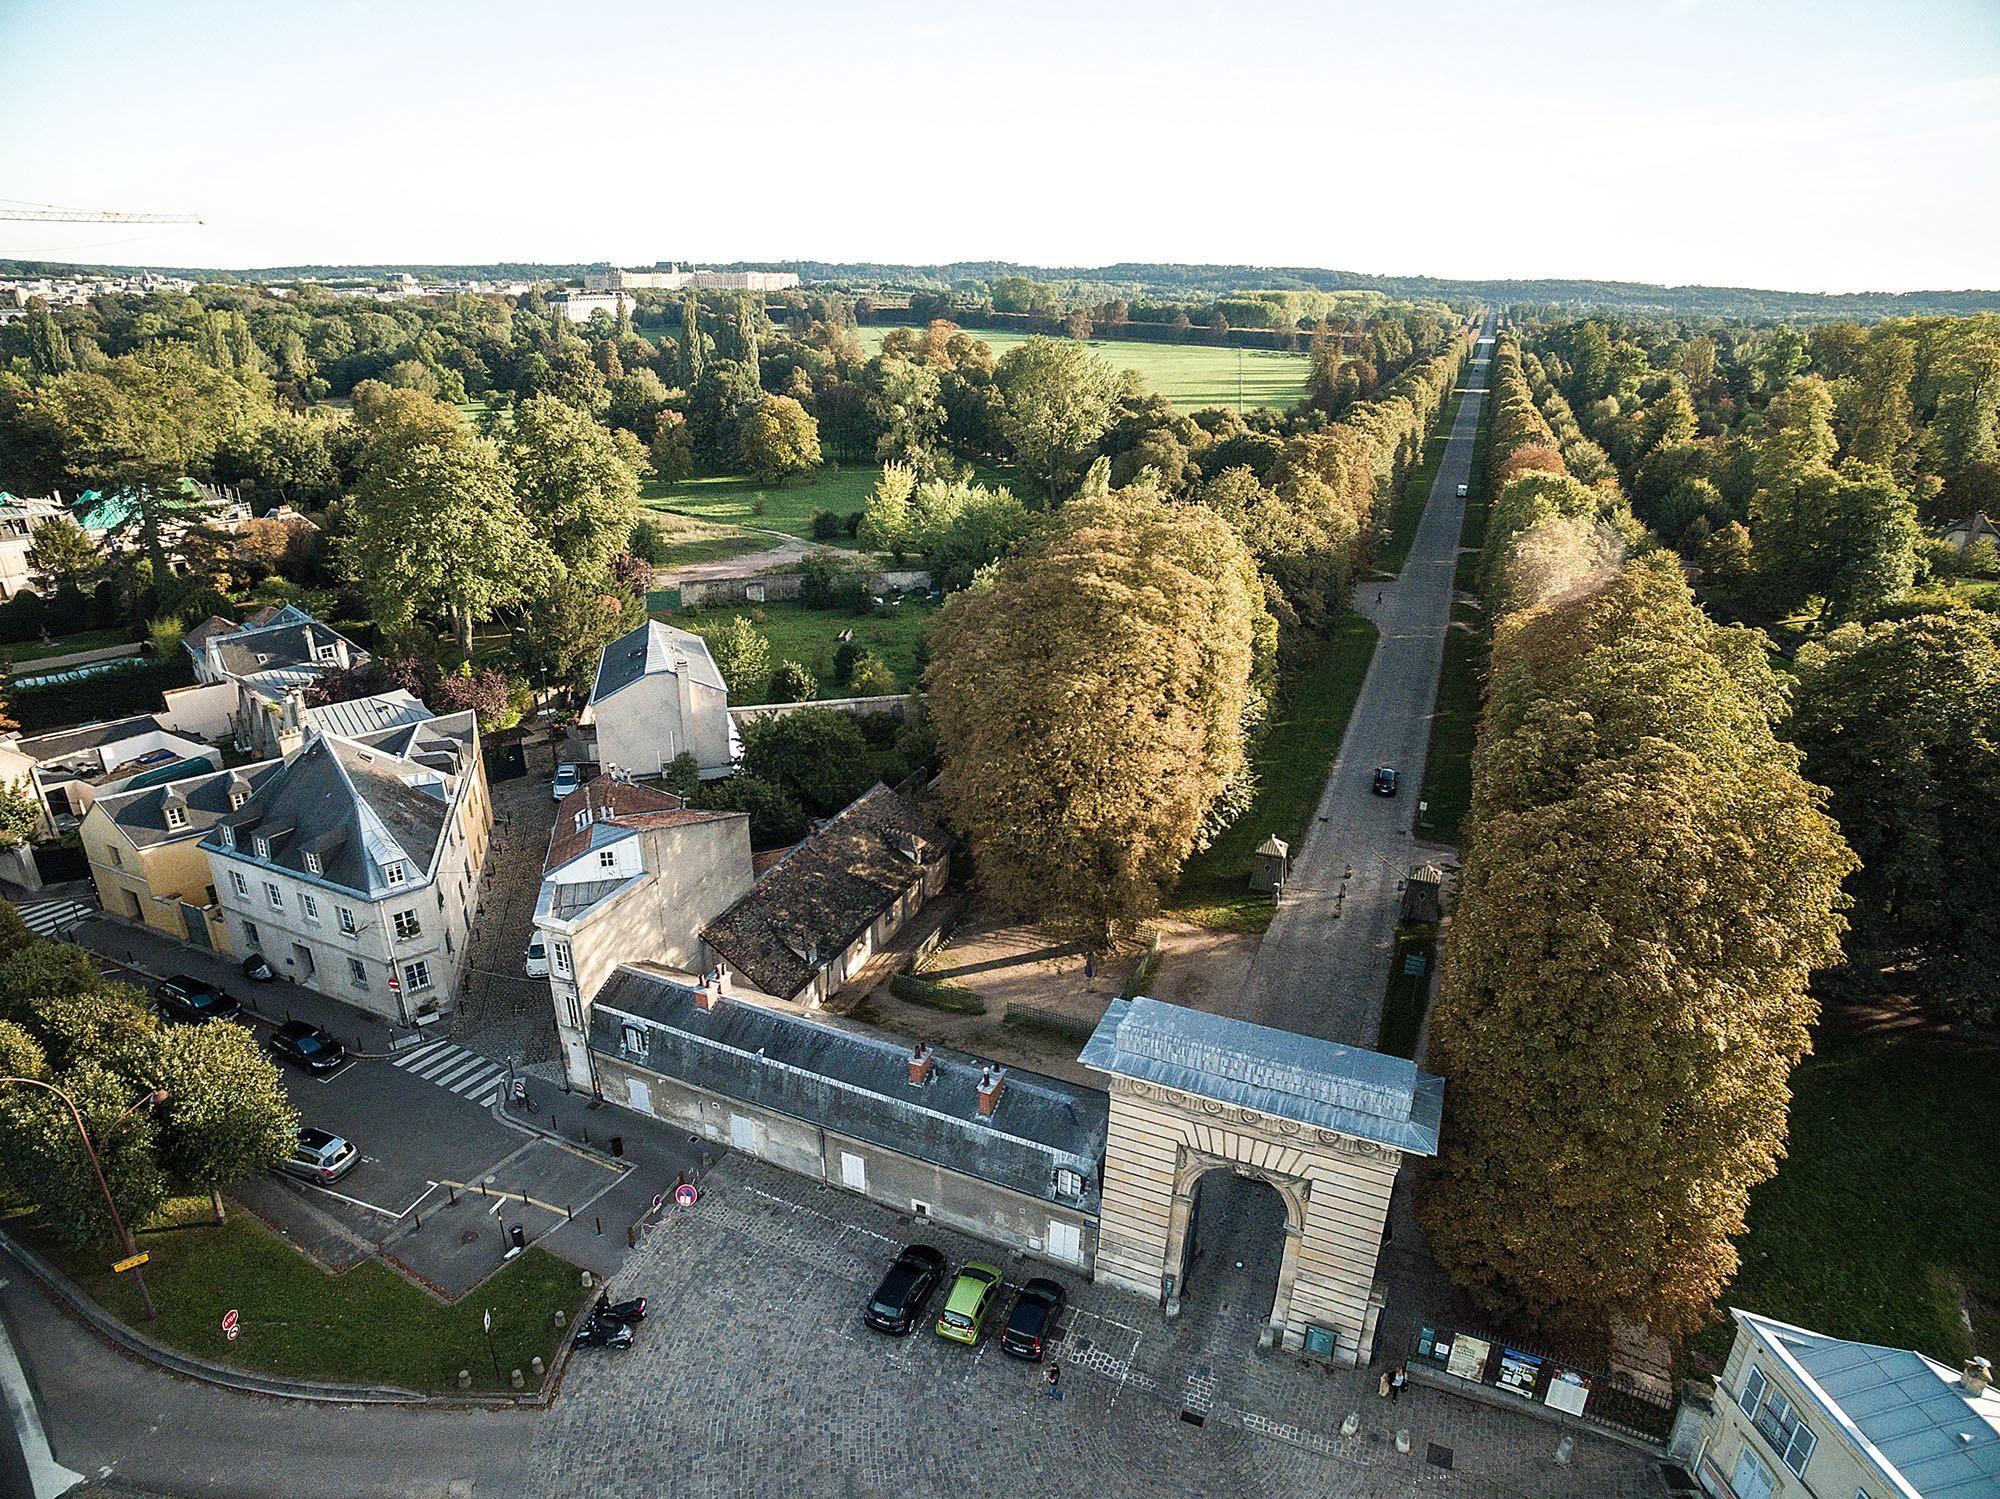 Le parc du château de Versailles, la porte et l'allée Saint-Antoine © Ville de Versailles / Drive Productions L'allée Saint-Antoine débute au sud devant le grand Canal de Versailles et se termine environ au nord sur le boulevard Saint-Antoine, où se trouve l'arc de triomphe de la porte Saint-Antoine.